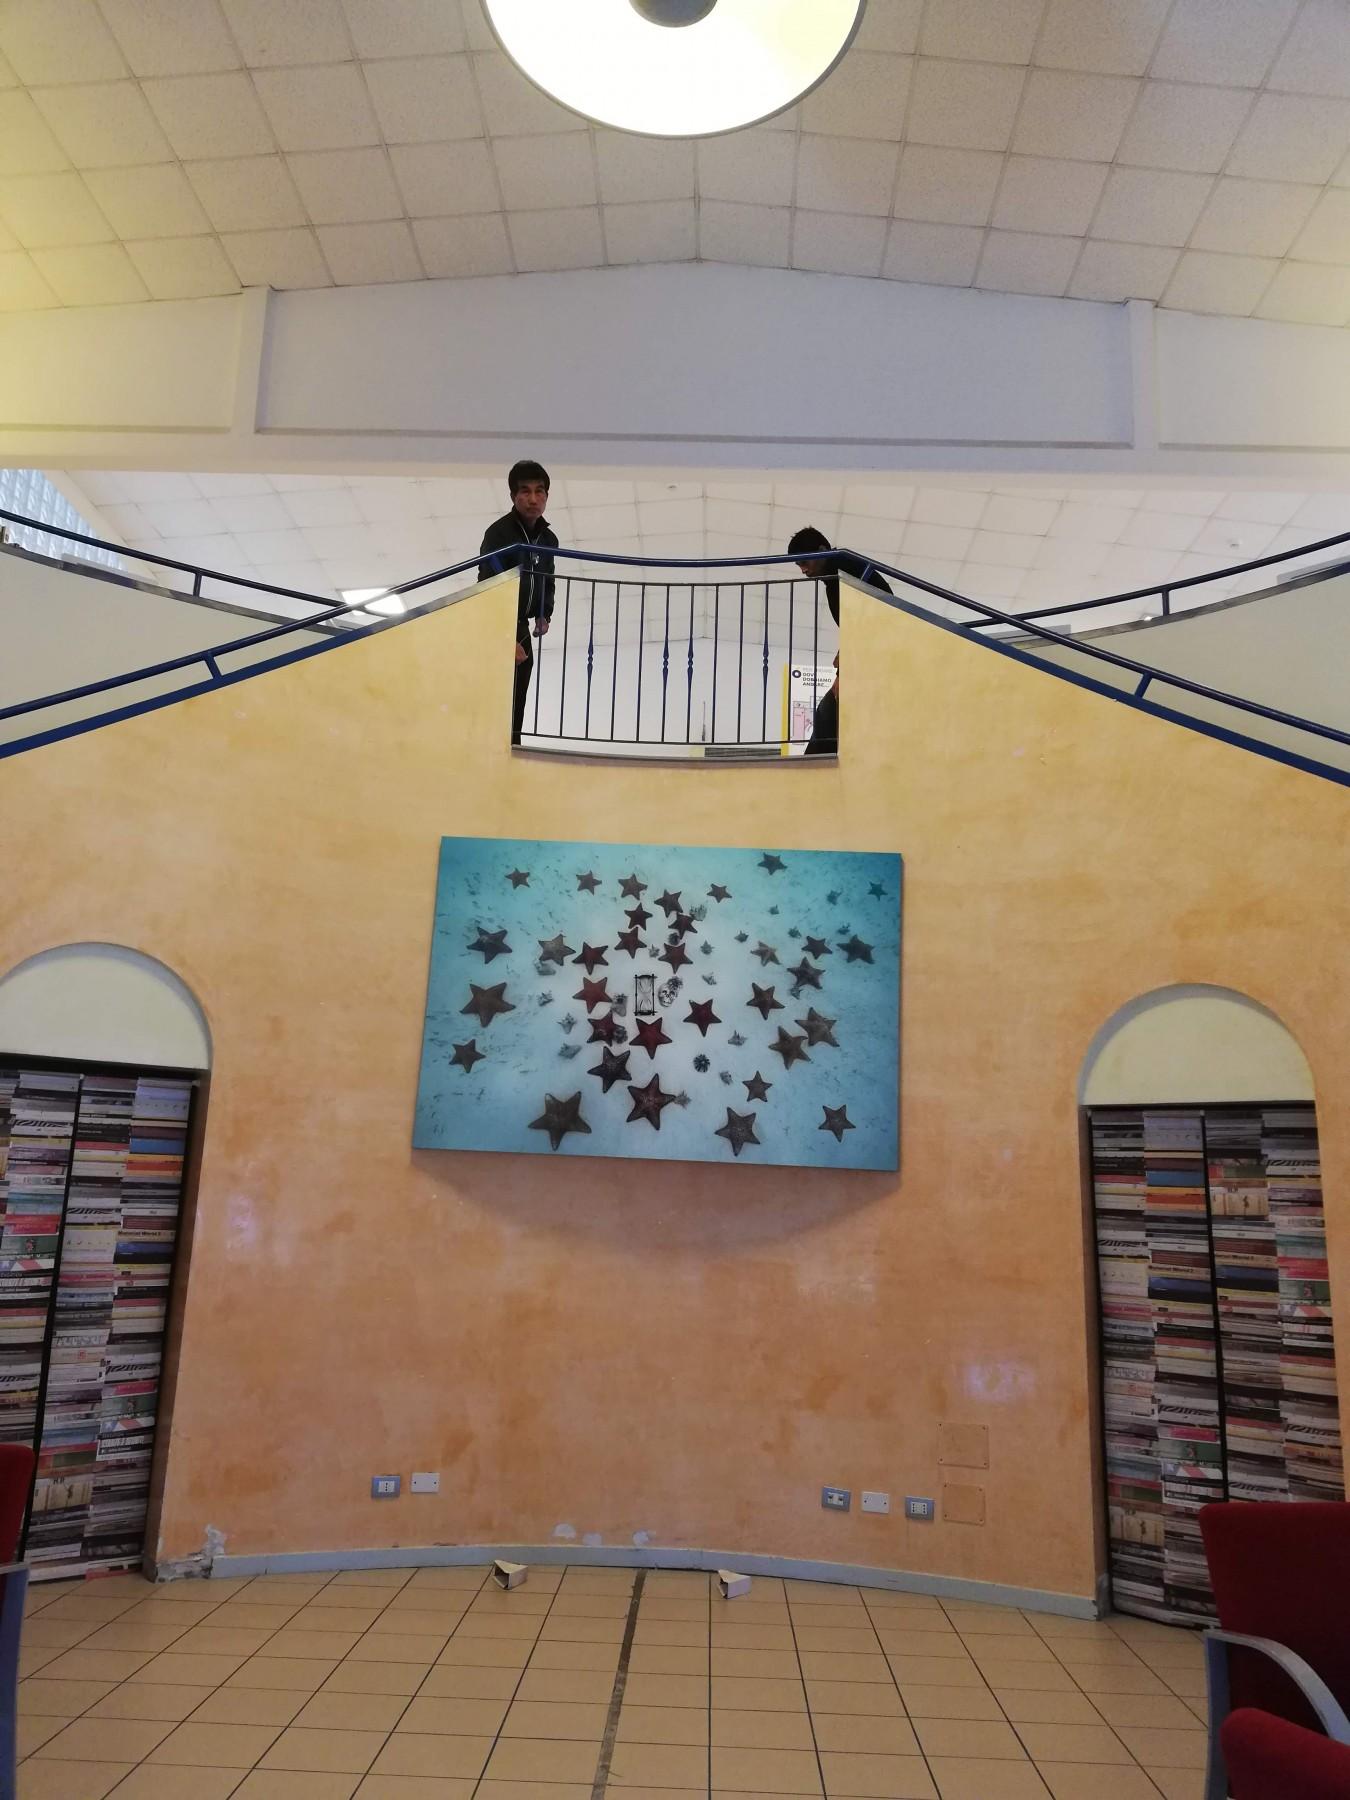 immagine realizzata da Anne de Carbuccia